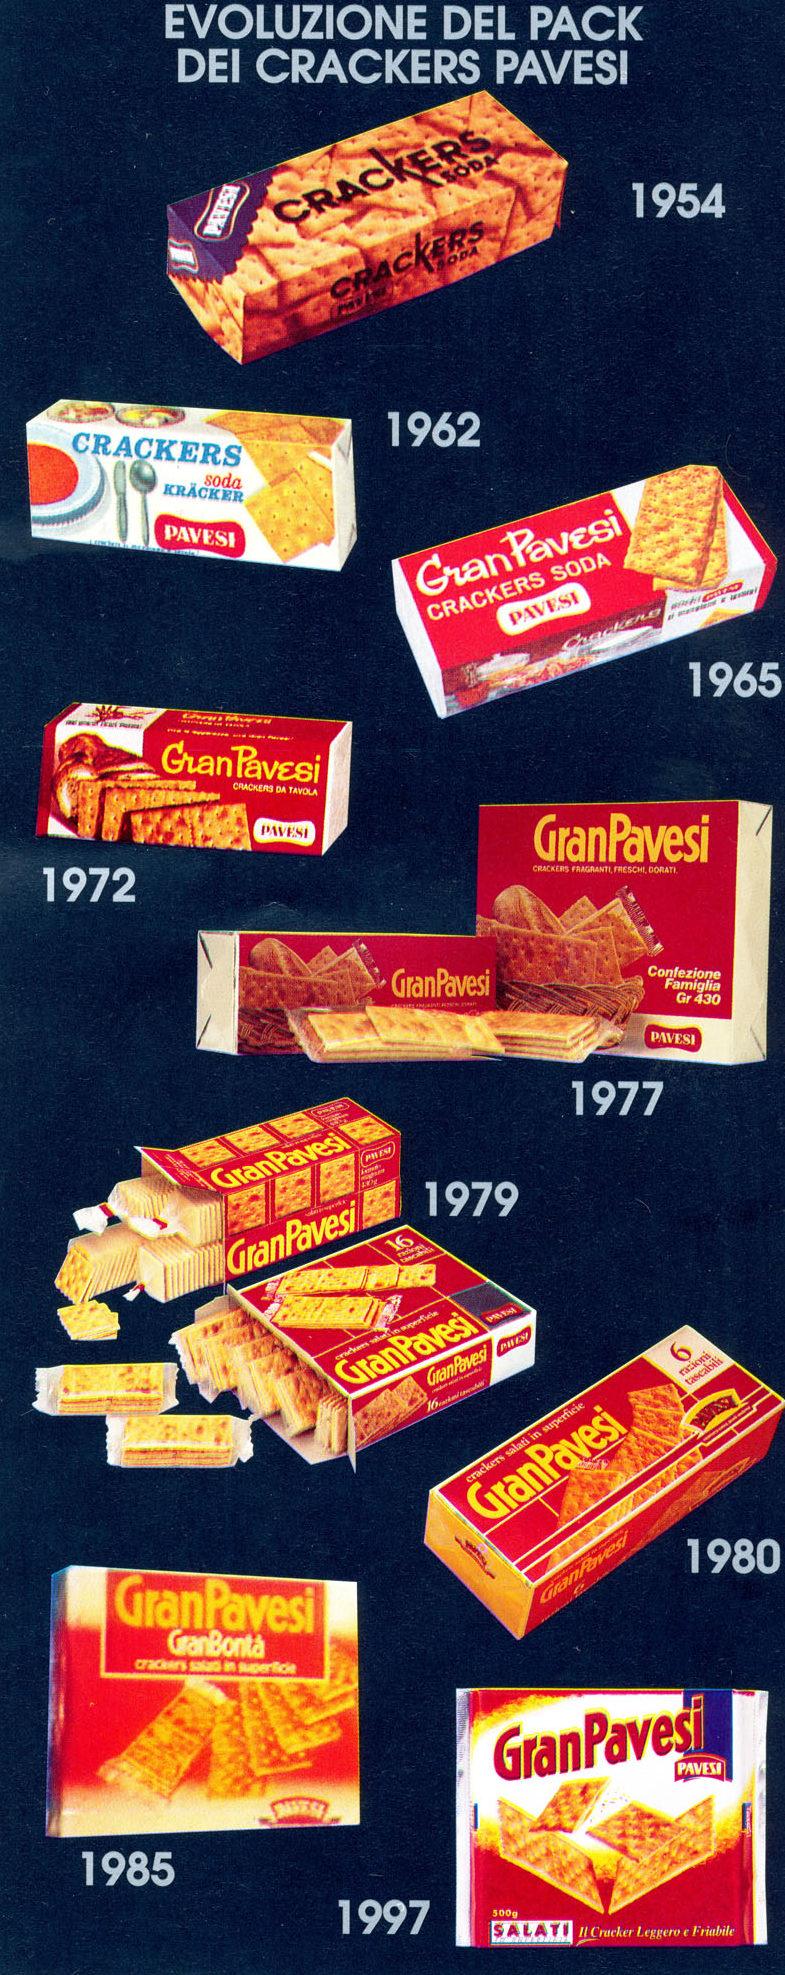 Evoluzione della confezione dei crackers Gran Pavesi nel tempo